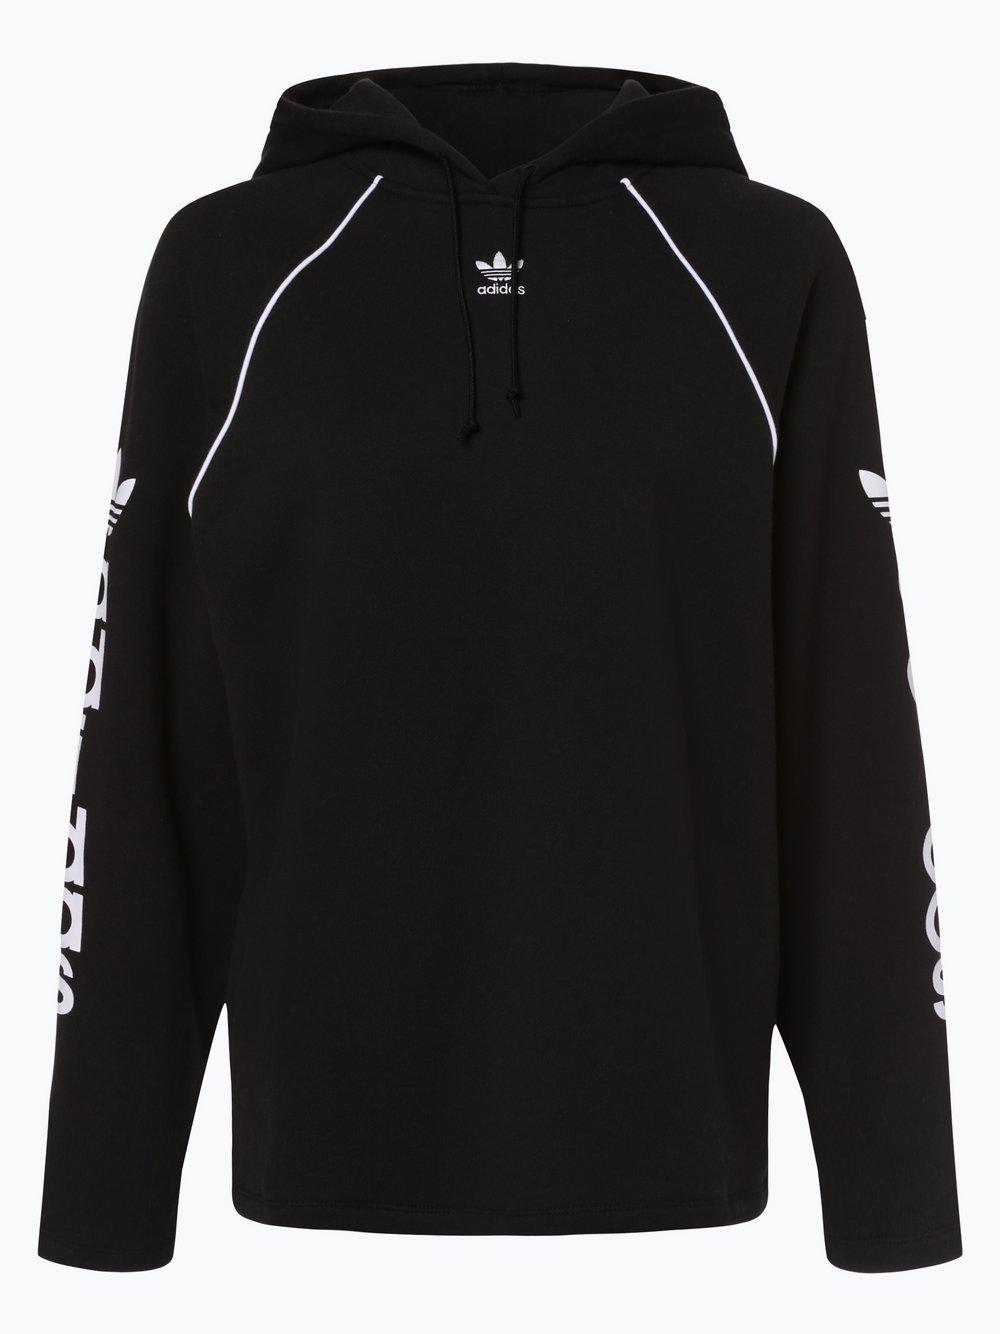 adidas Originals Damen Sweatshirt online kaufen | VANGRAAF.COM